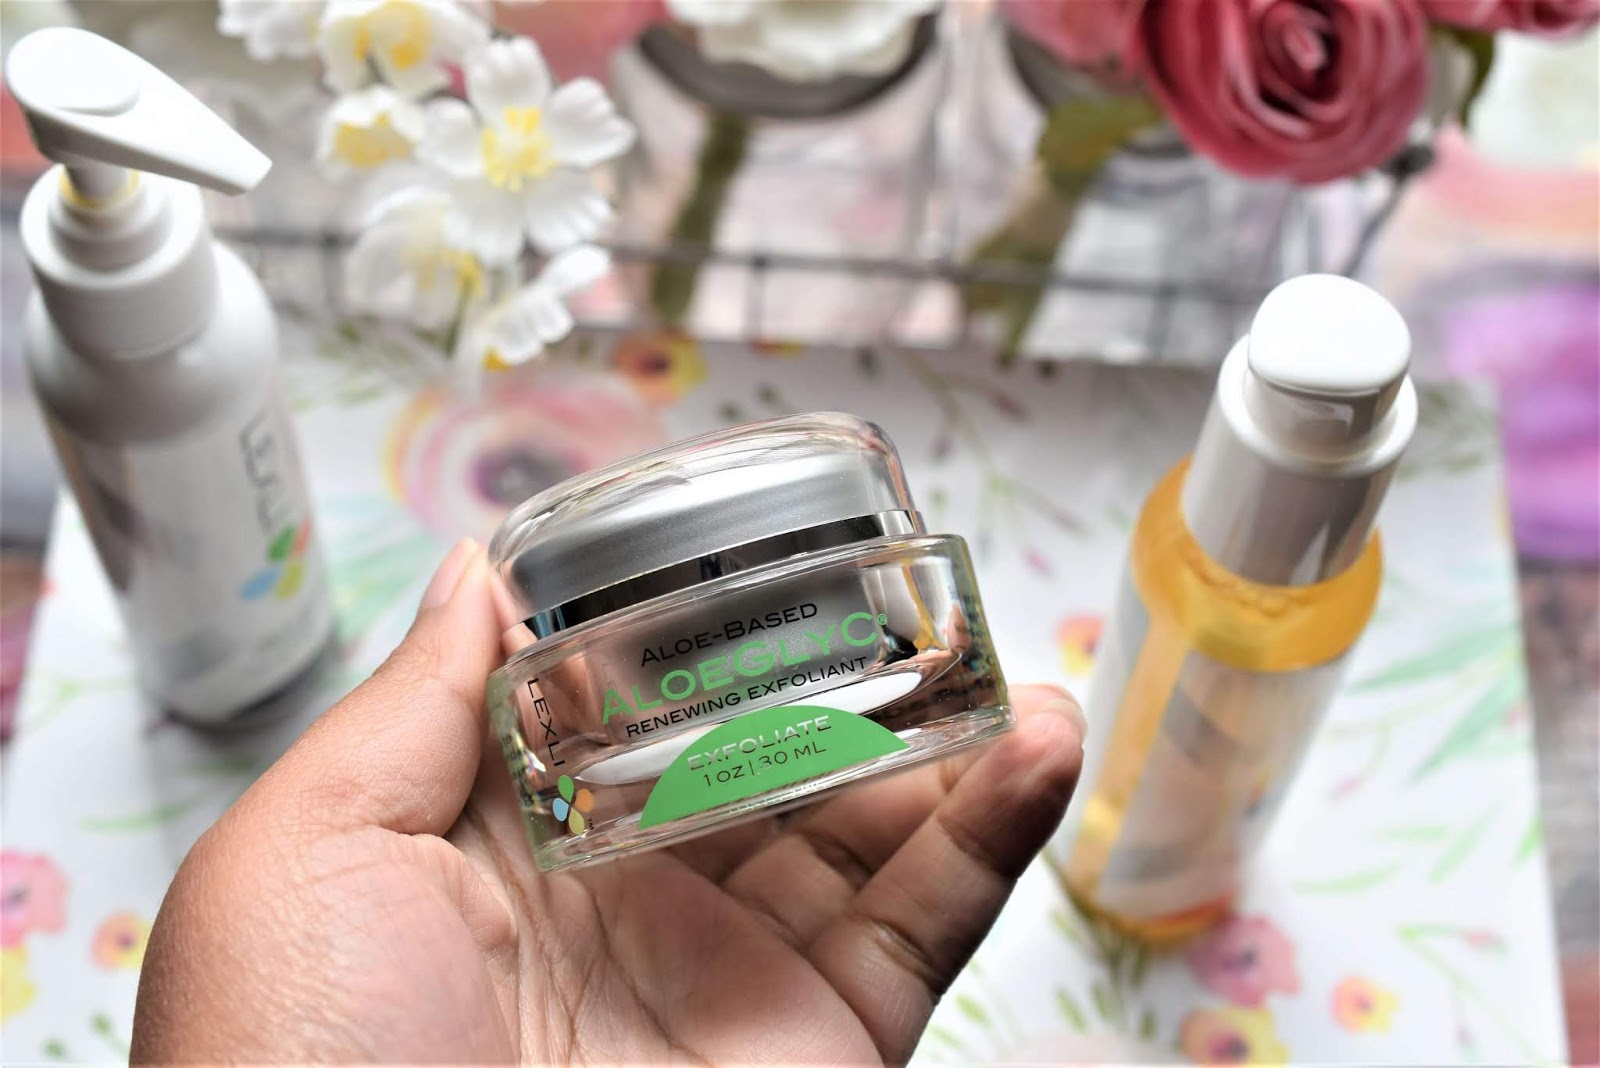 Lexli AloeGlyC Glycolic Acid Face Exfoliator